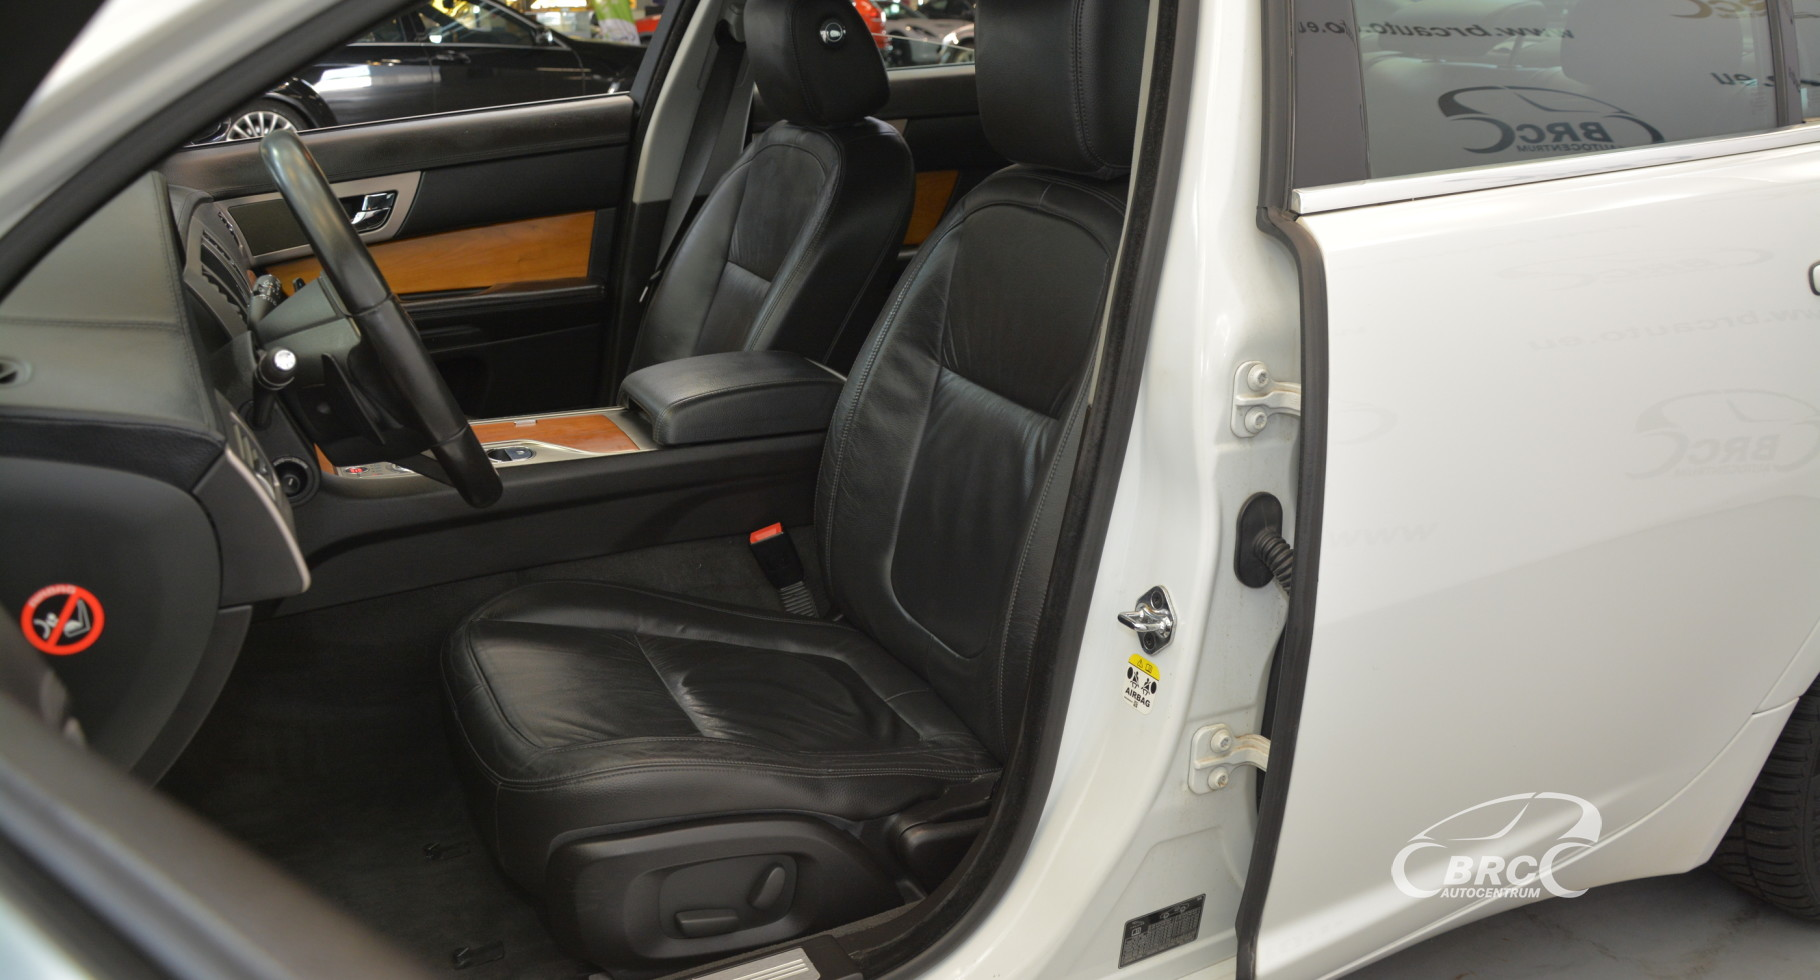 Jaguar XF 3.0 d Automatas